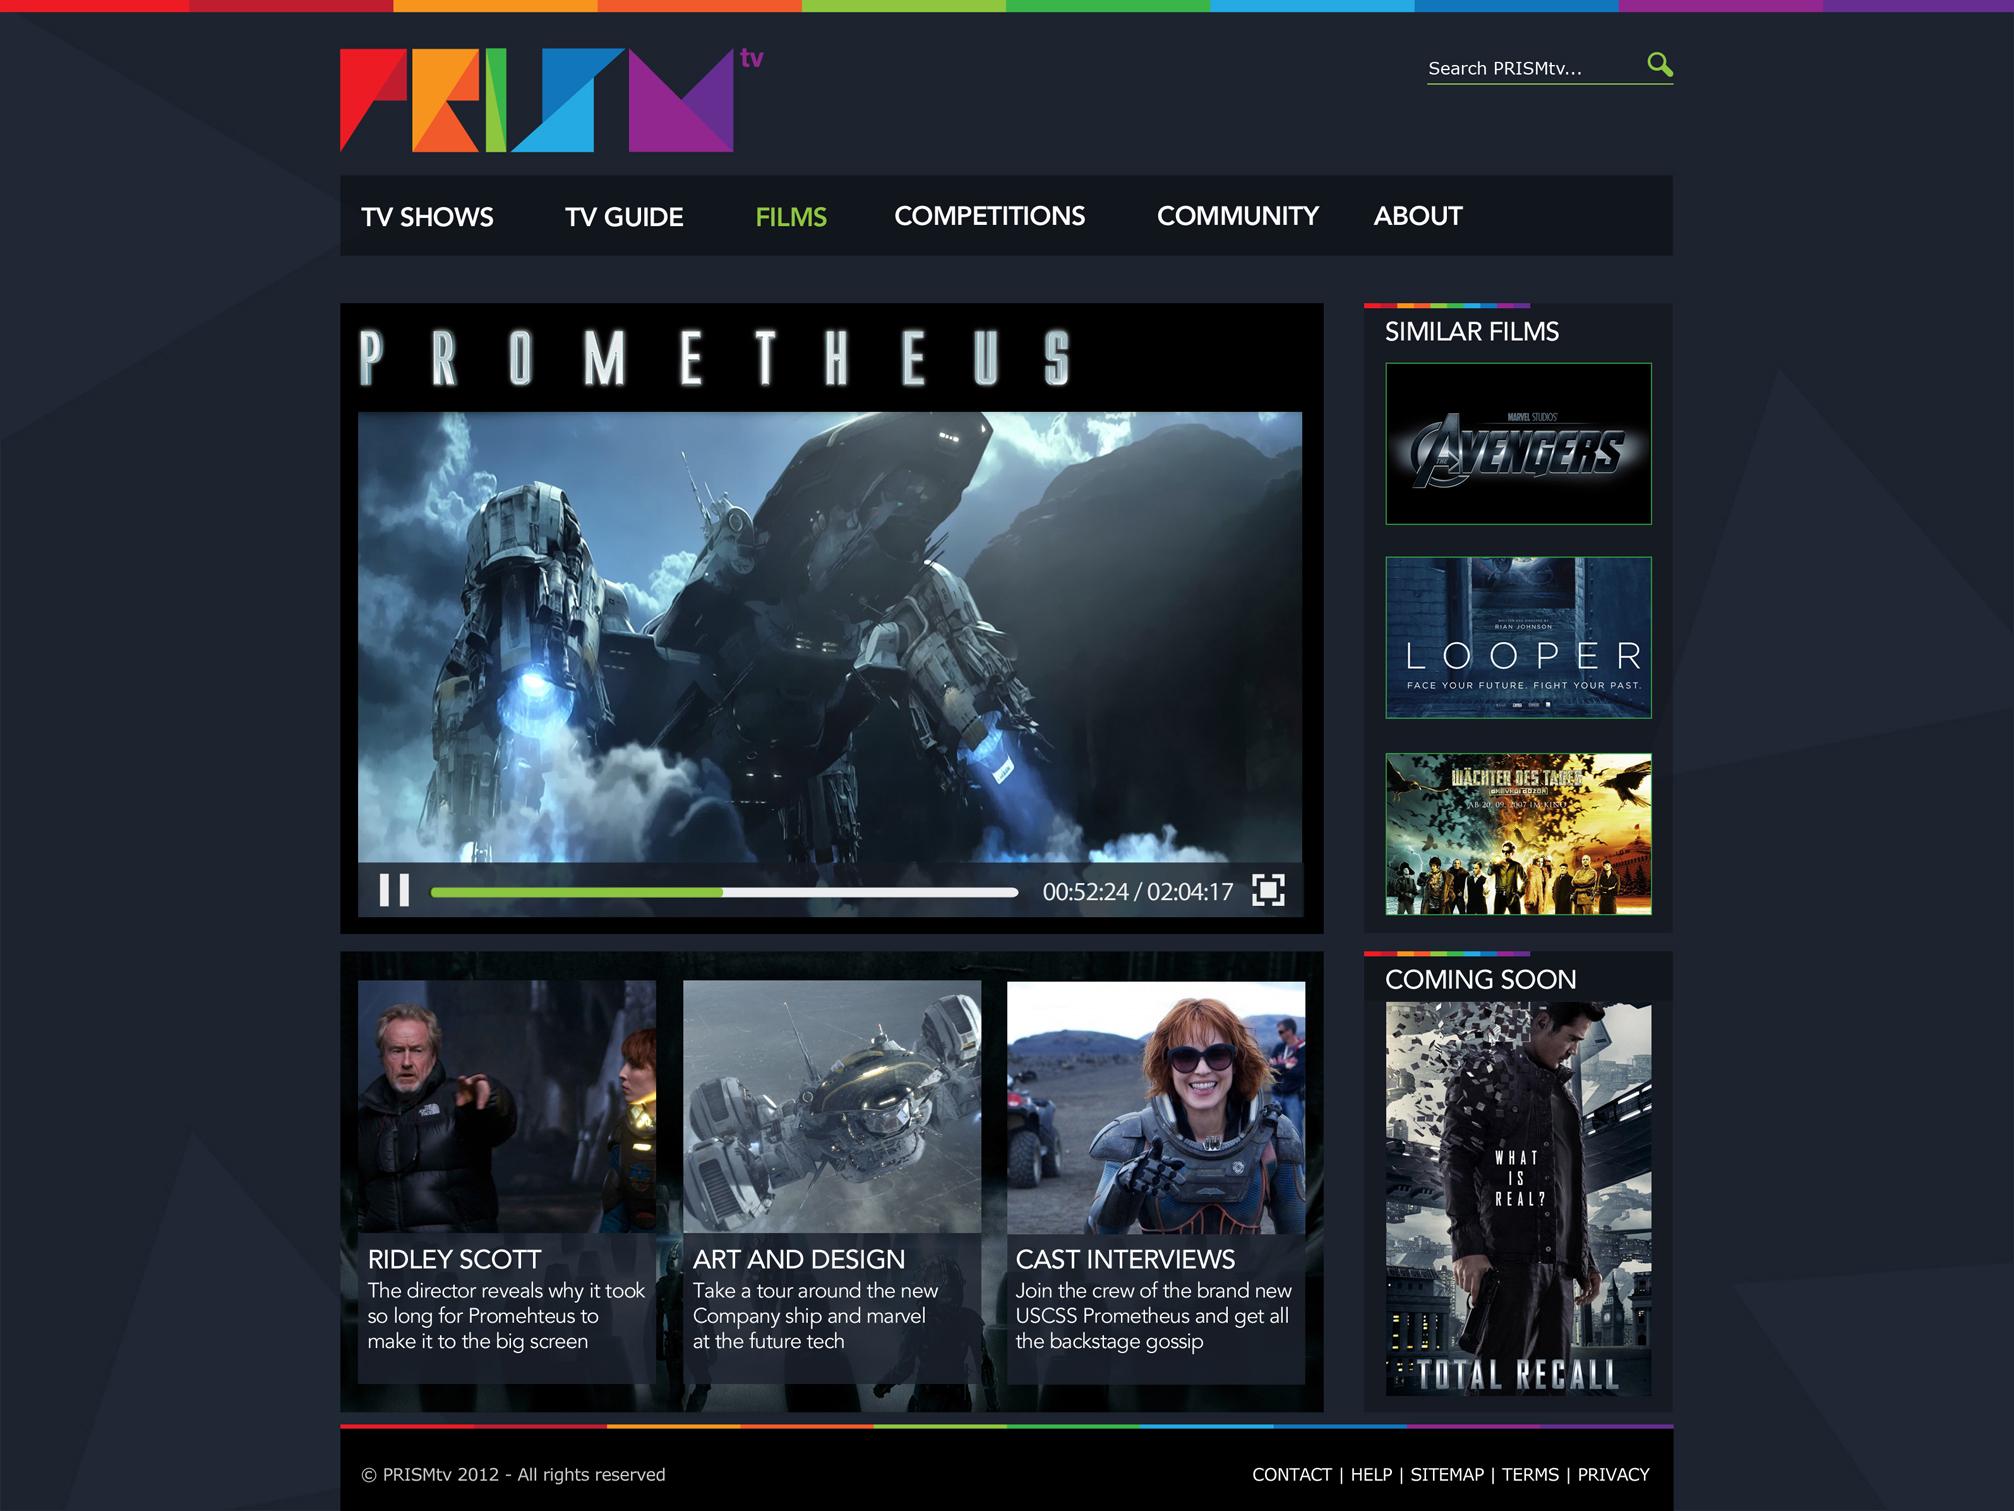 PRISMtv Film Page - Philip Norris